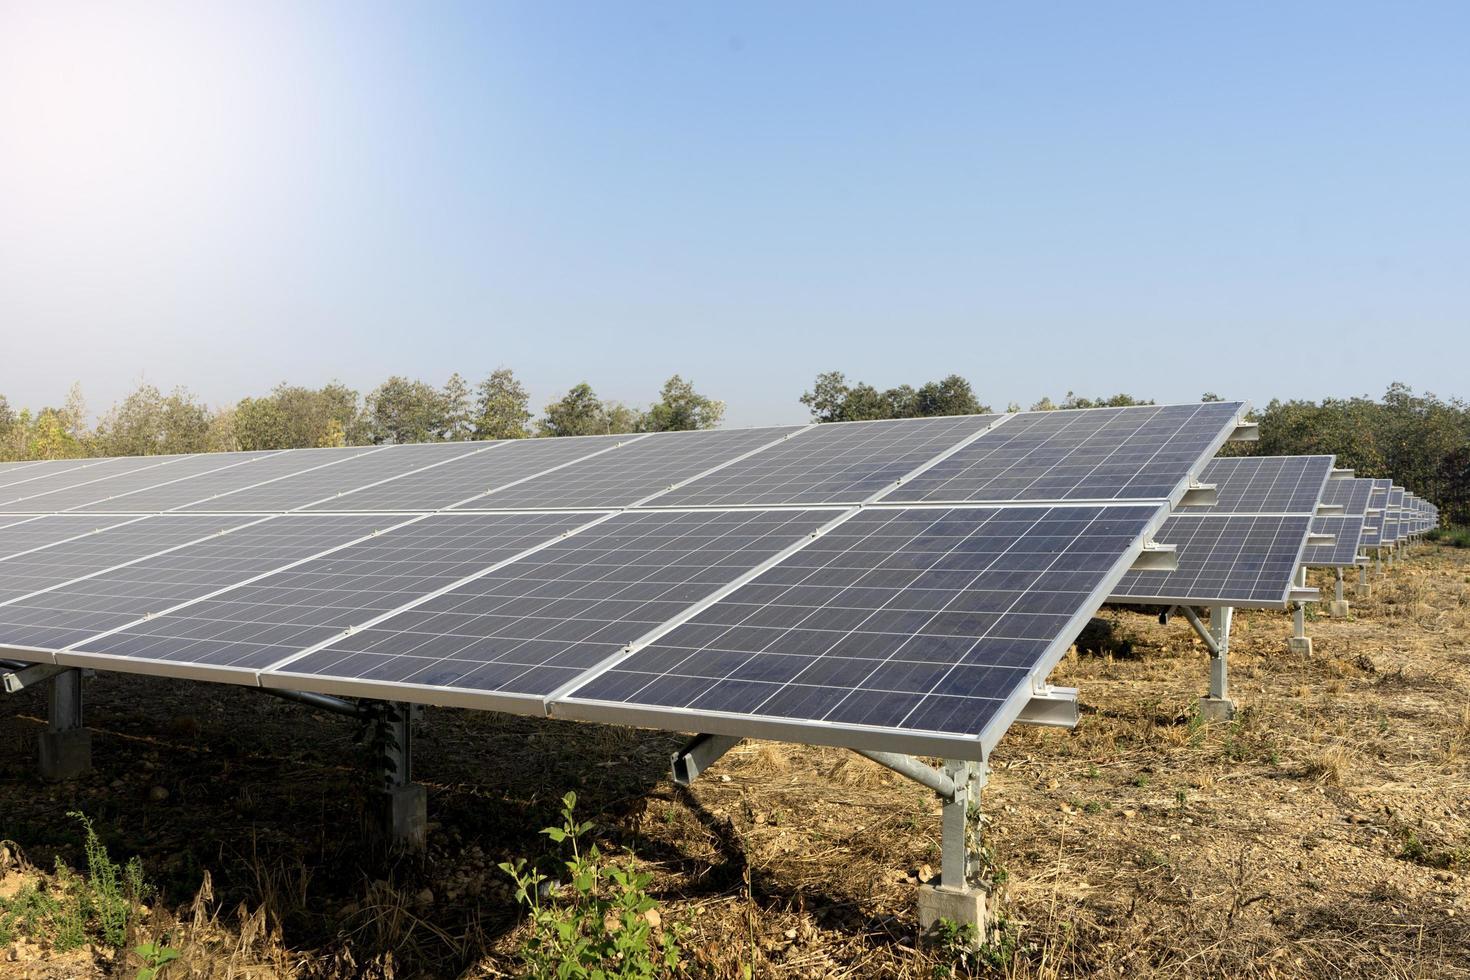 zonnepark dat groene energie levert foto